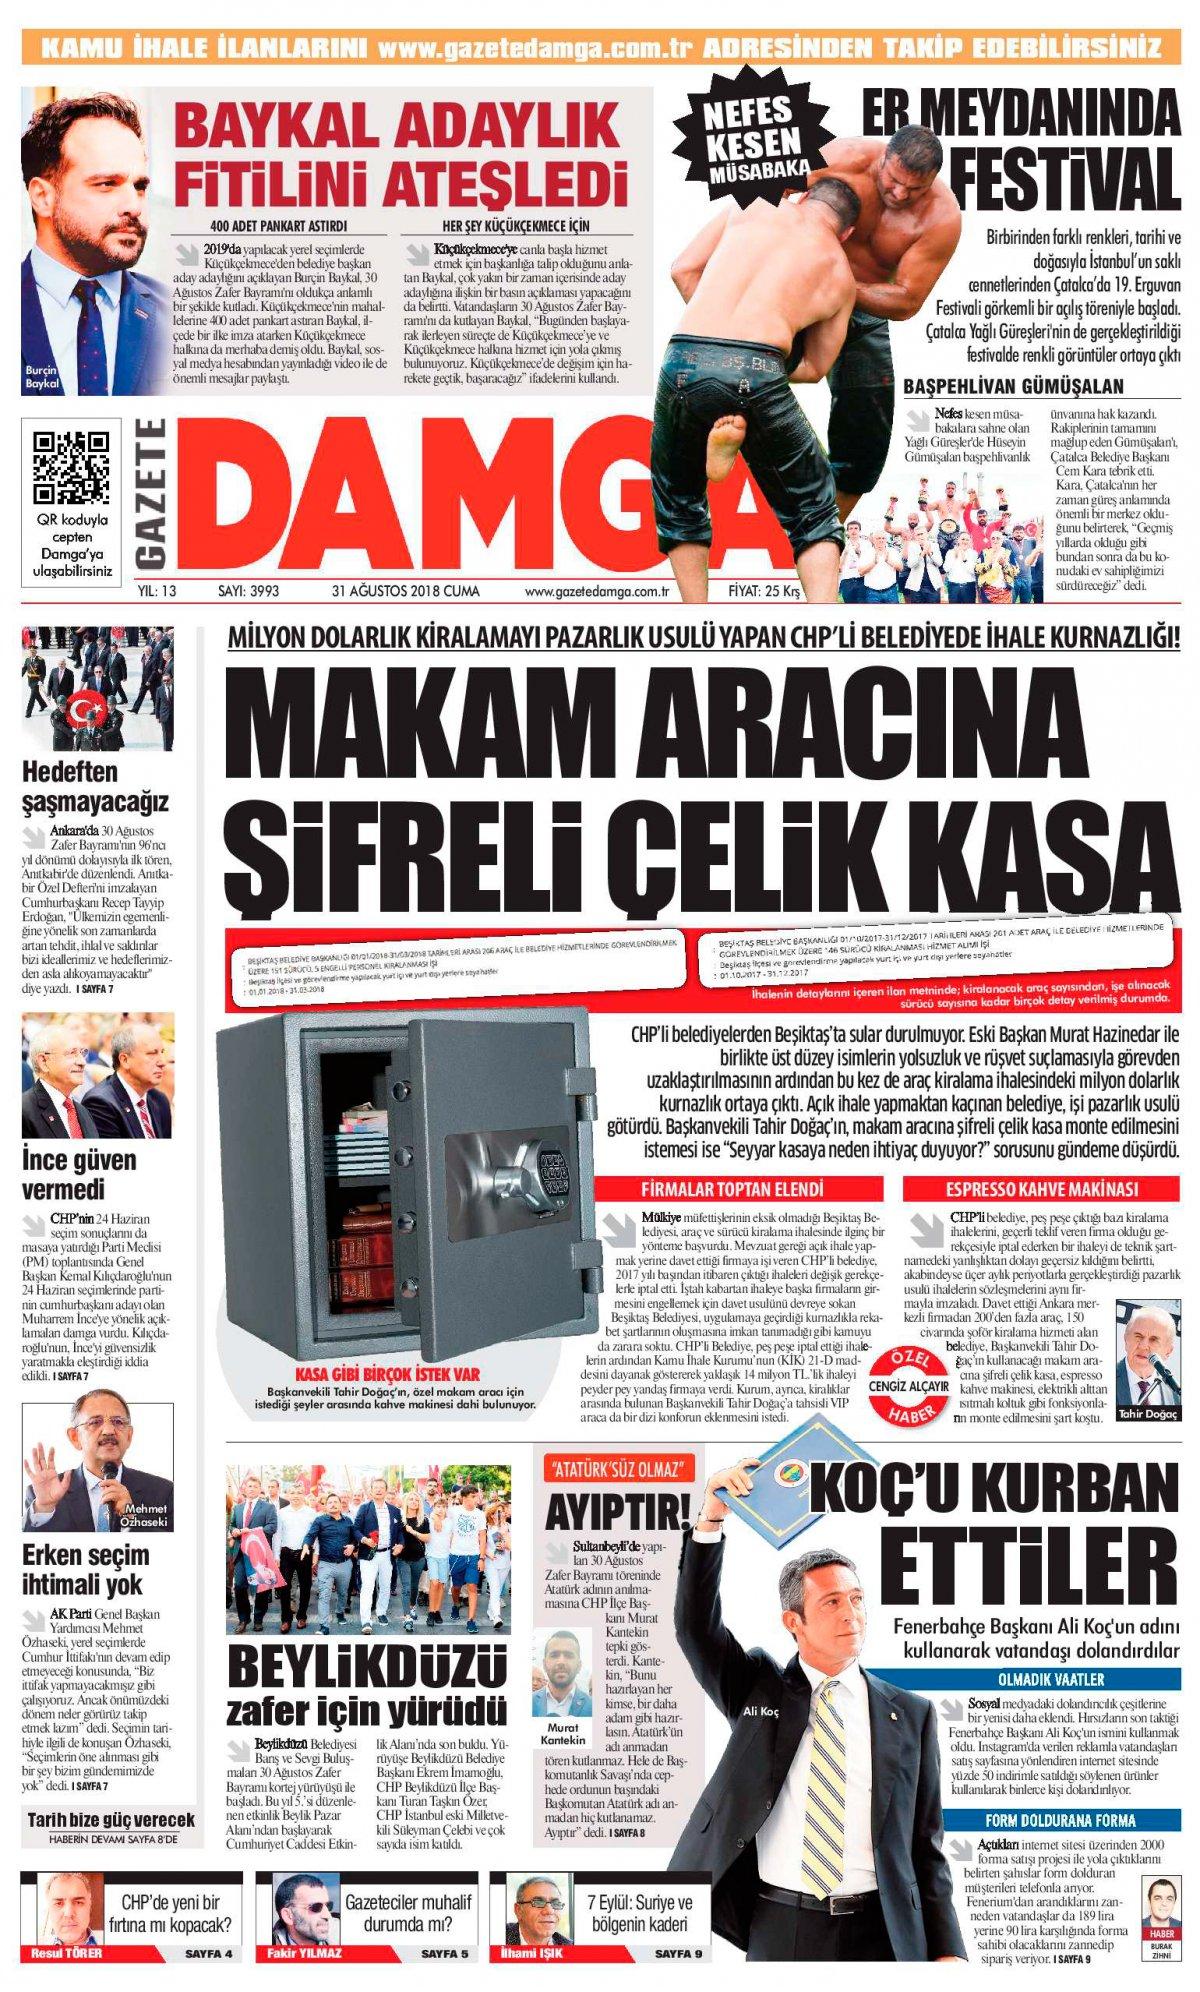 Gazete Damga - 31.08.2018 Manşeti